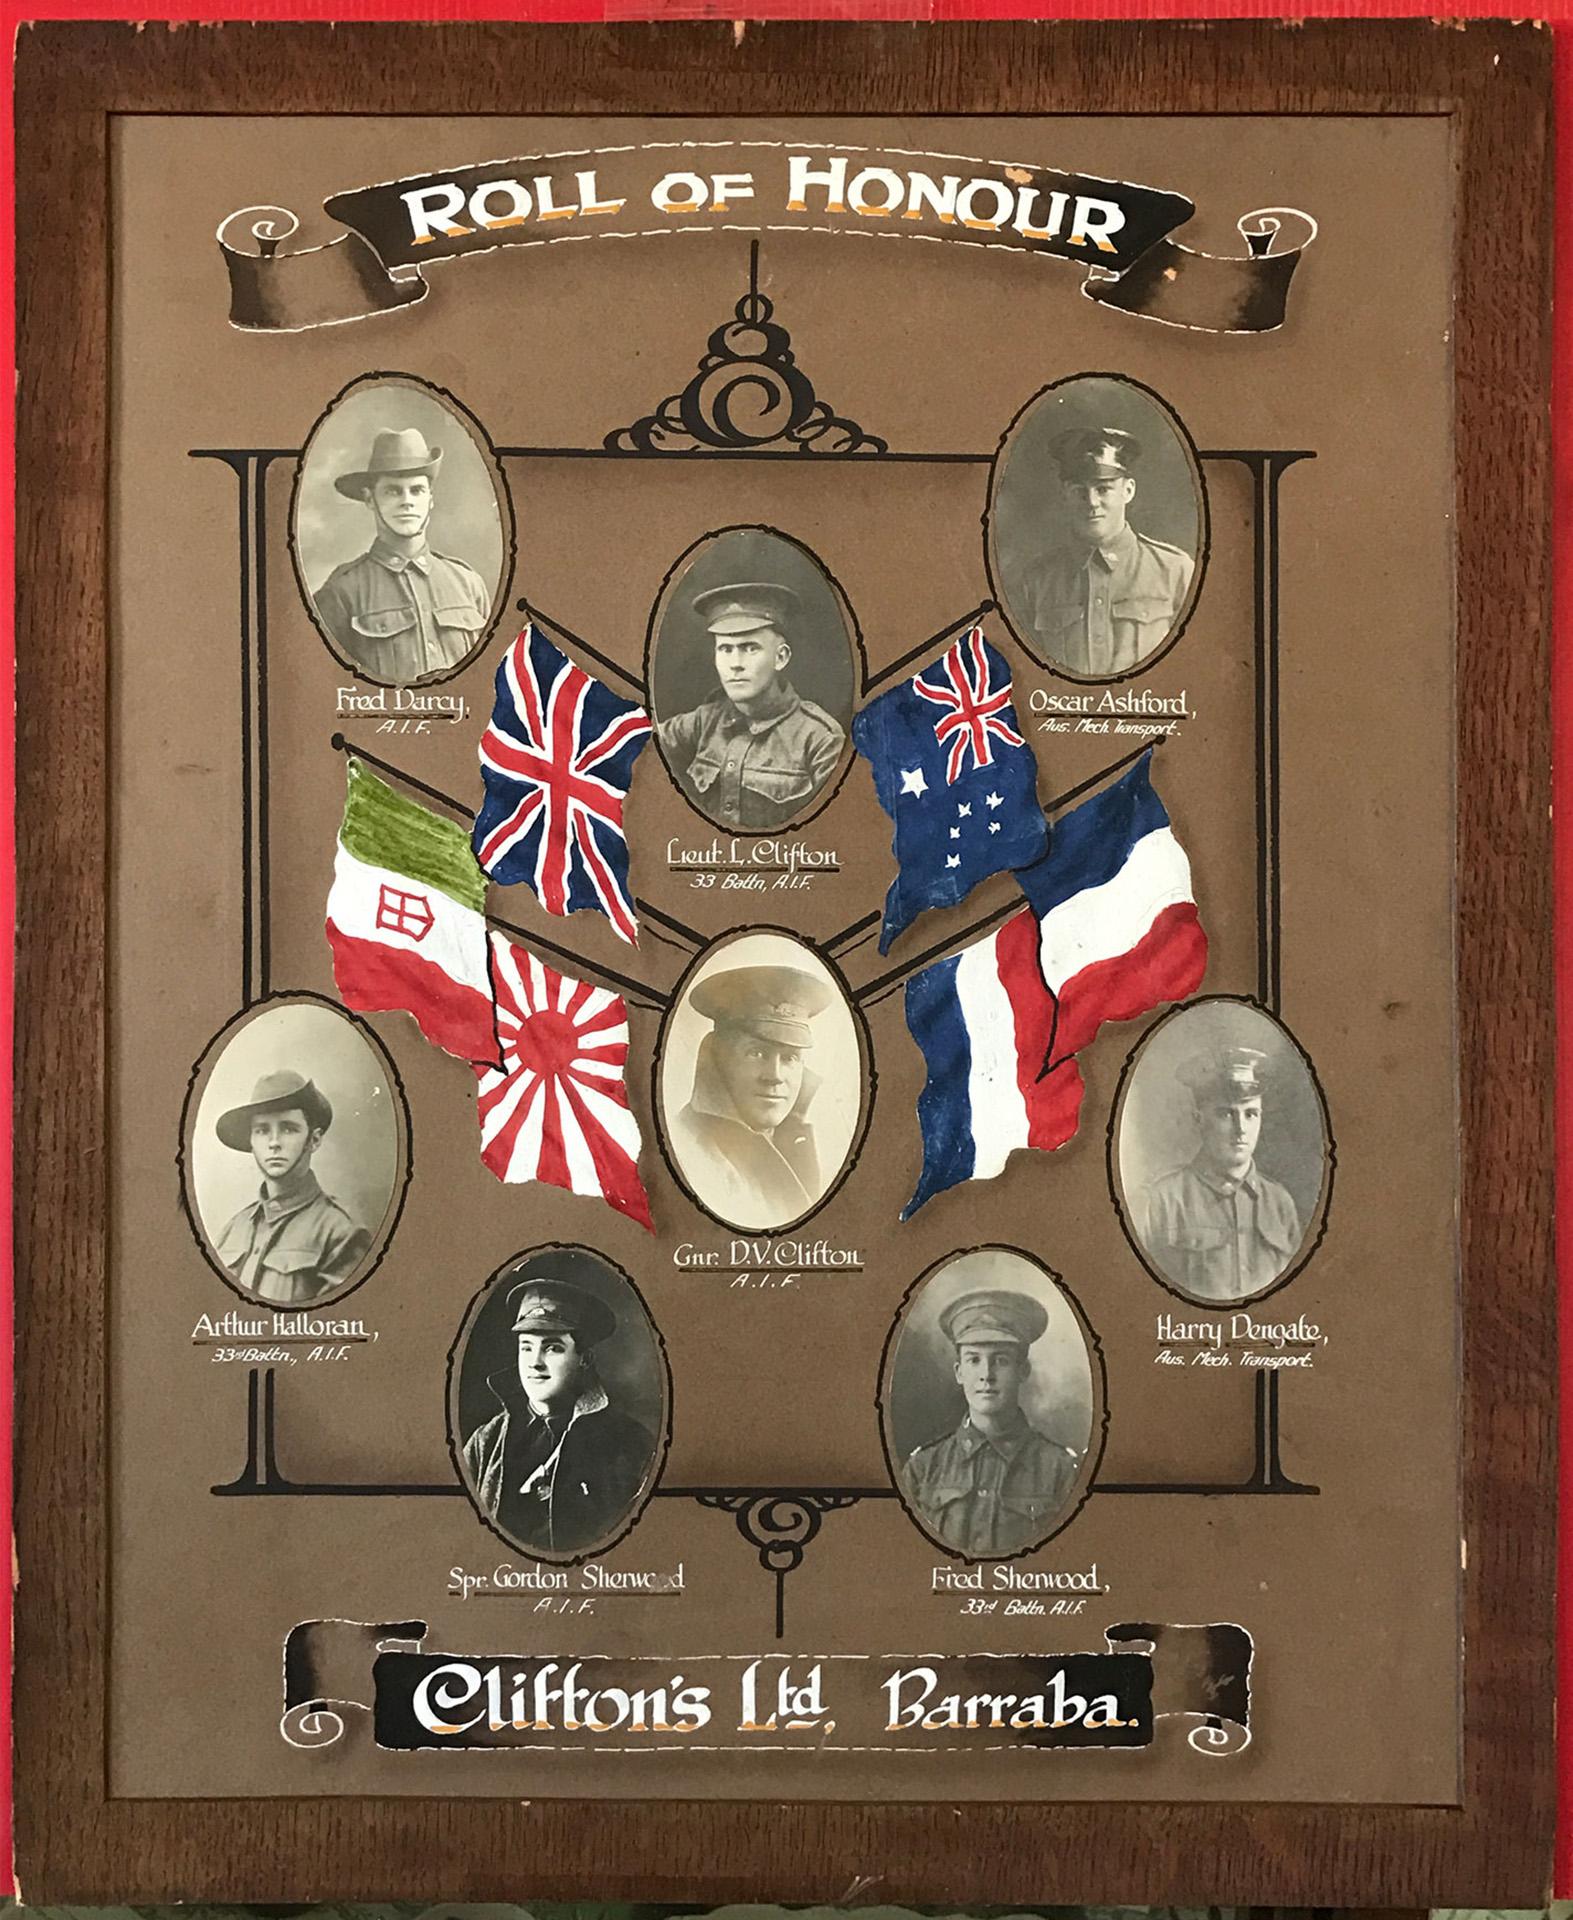 Clifton's Ltd Barraba First World War Roll of Honour